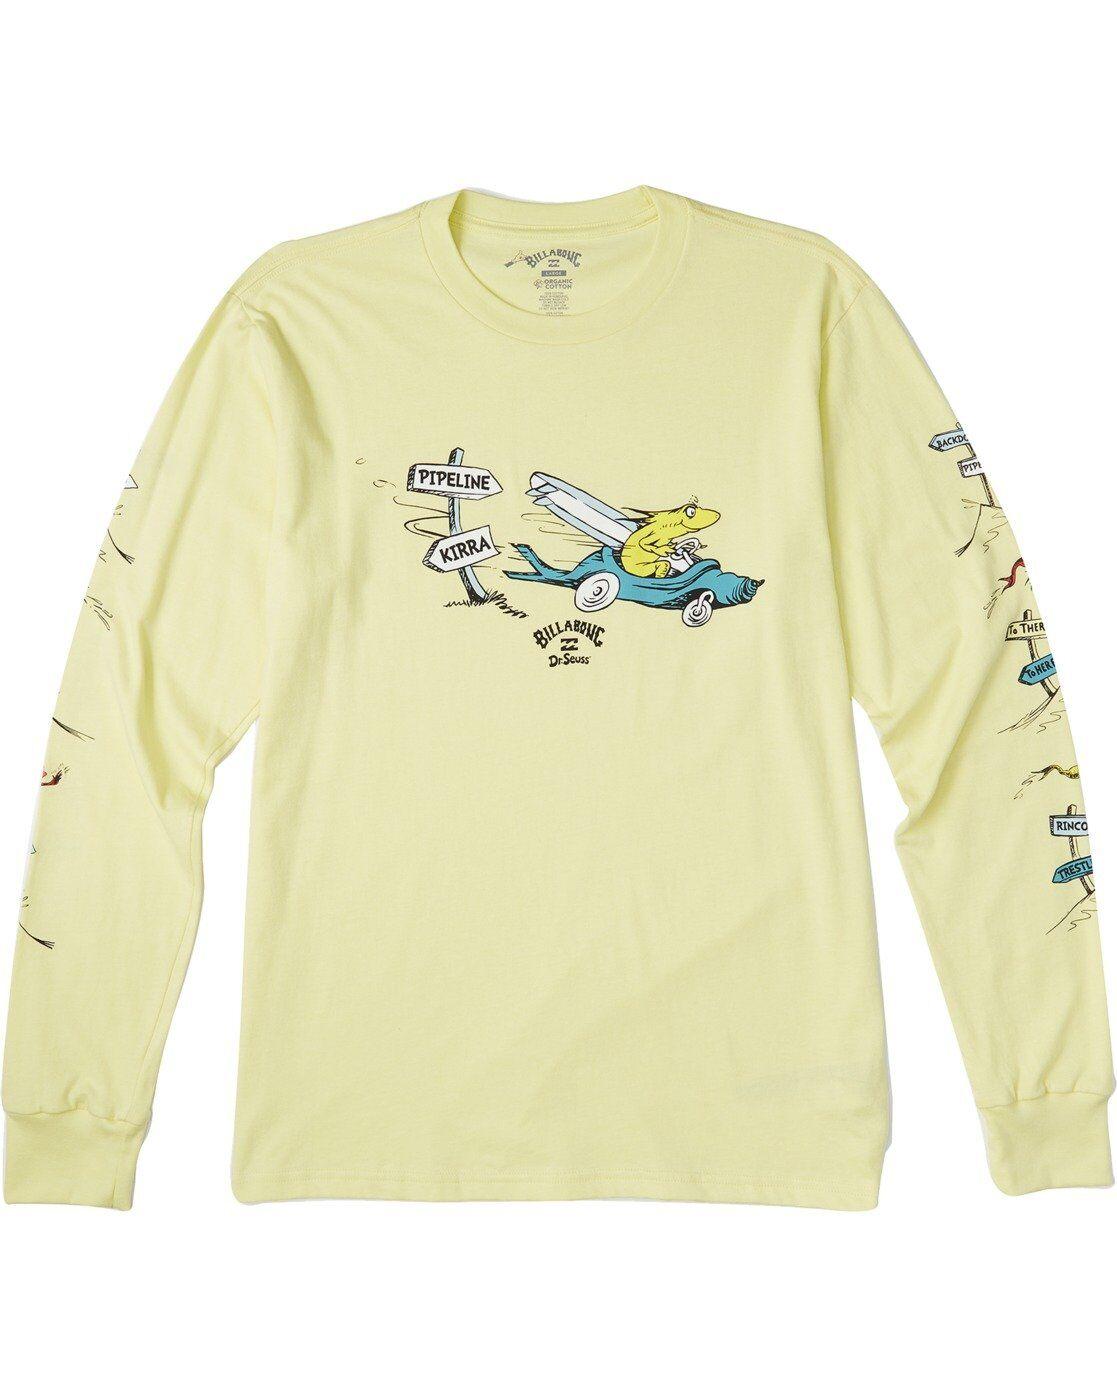 Billabong Boys' Little Car Long Sleeve T-Shirt  - Yellow - Size: Medium